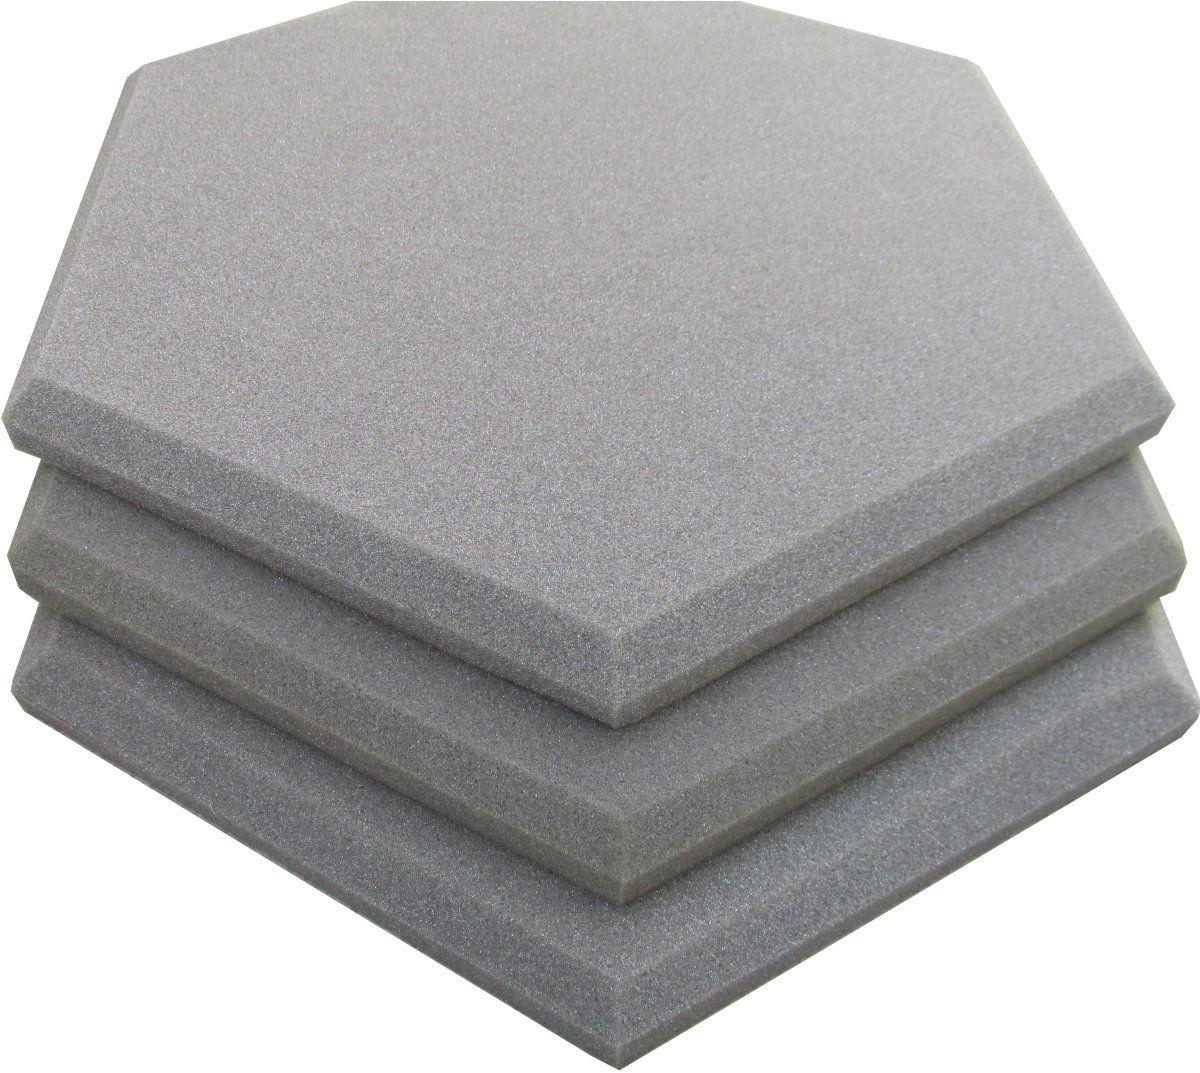 Espuma acústica Linha REV Geometric- Hexagonal - Kit 5 peças - (1m²)  - Loja SPL Acústica